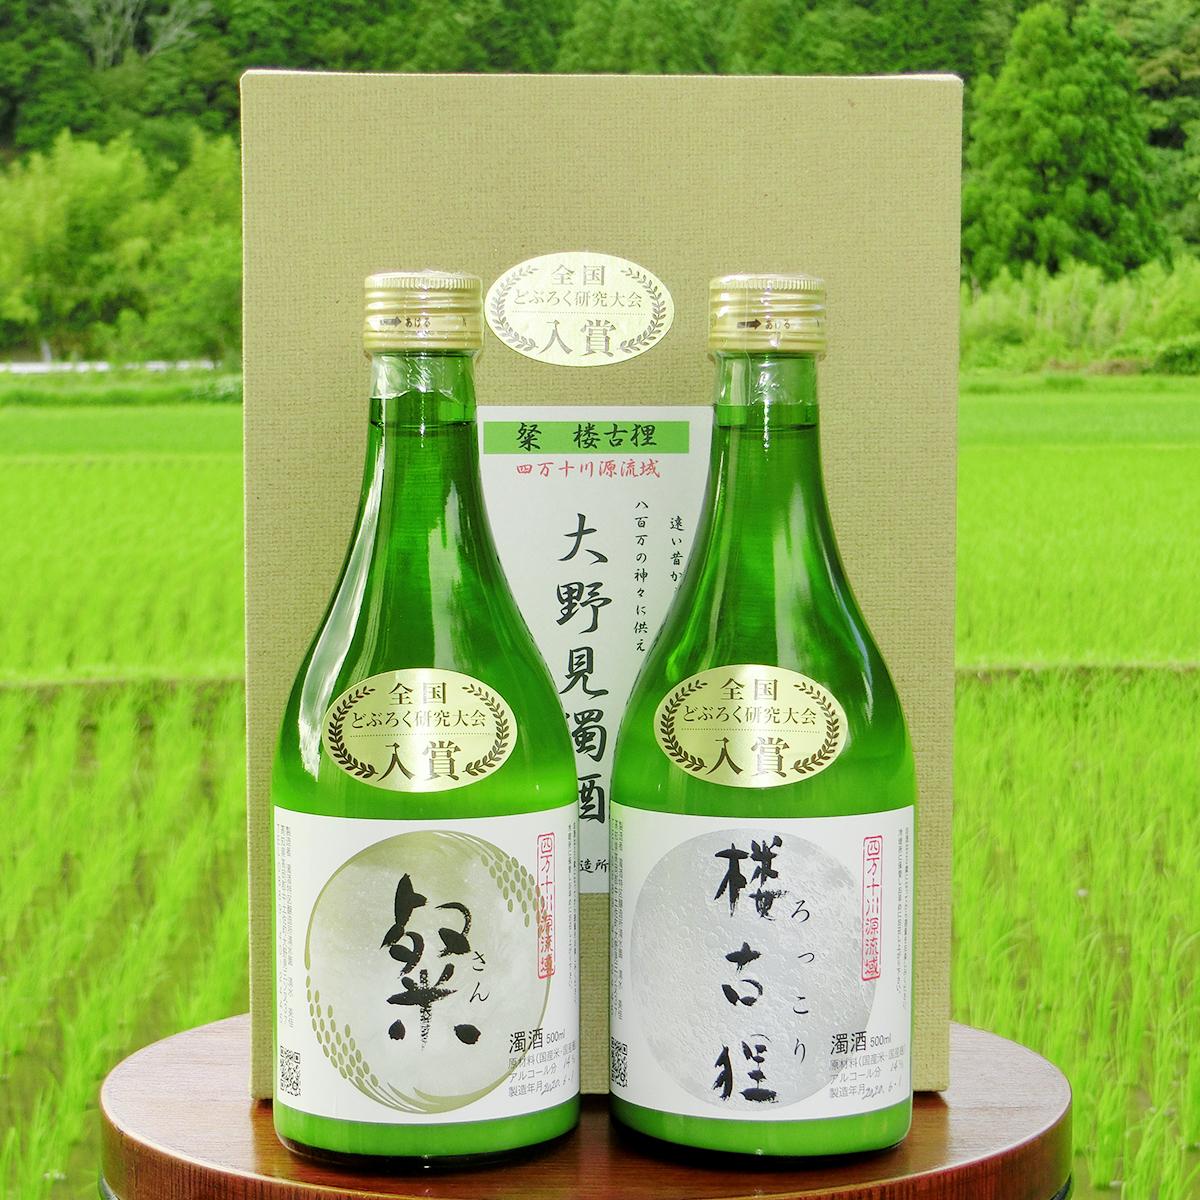 濁酒 (火入) 2種 詰合せ 〔粲・楼古狸 各500ml〕 どぶろく 日本酒 高知 清水園